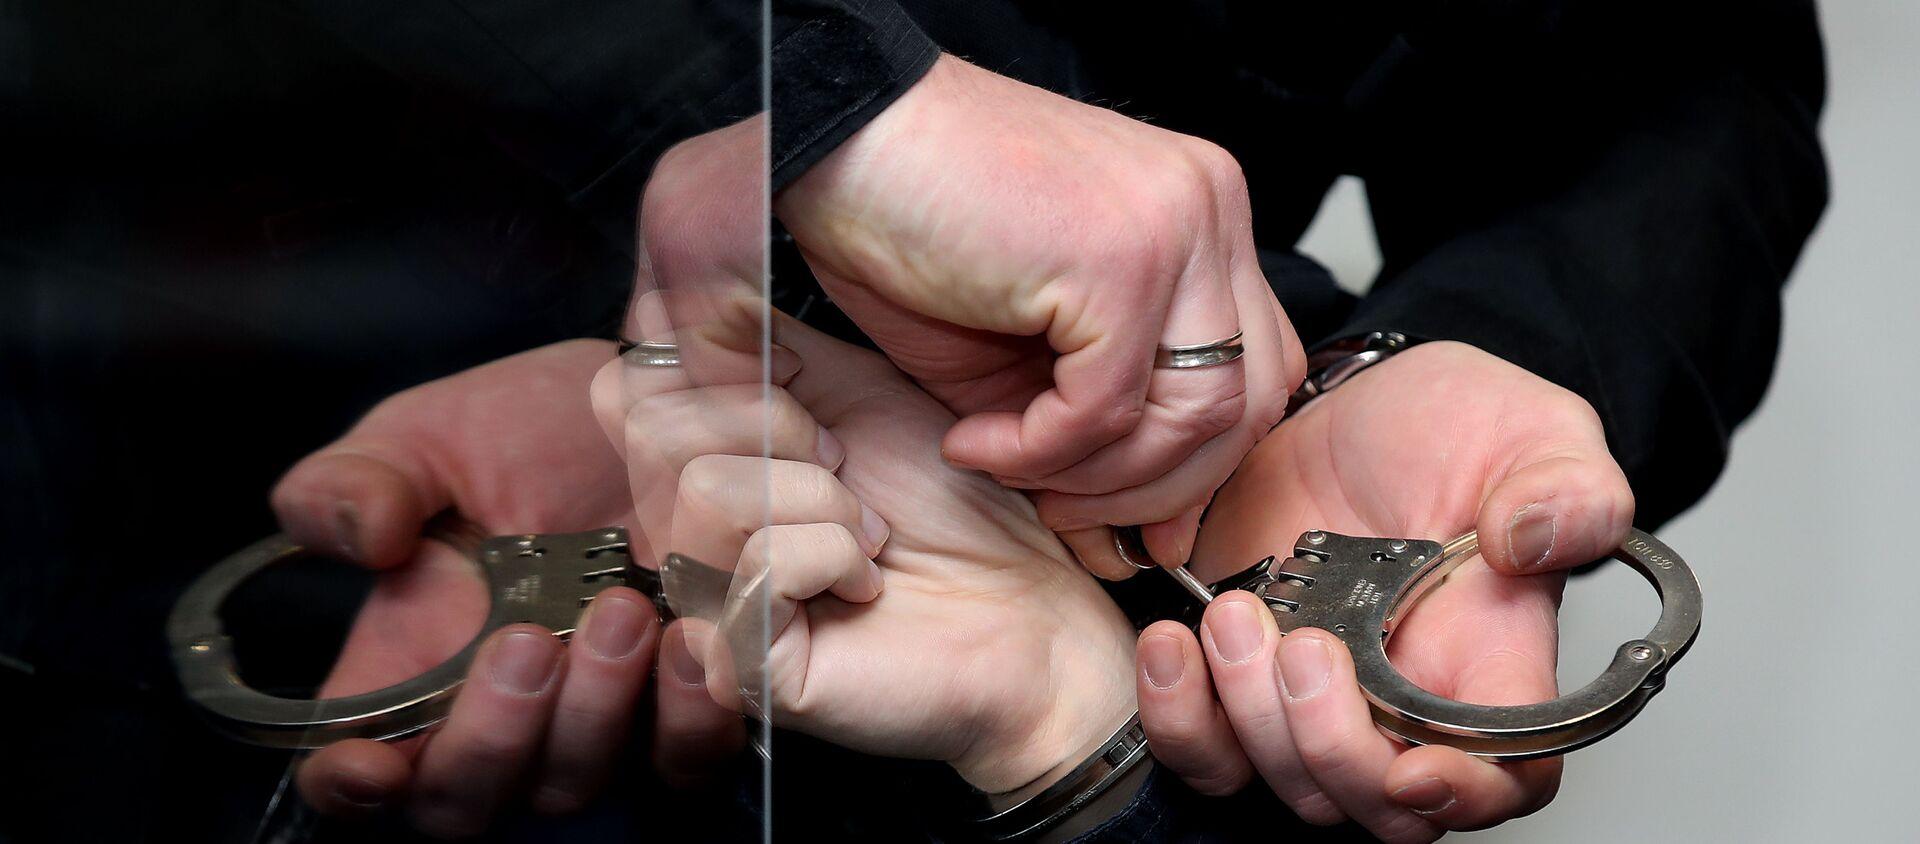 Штефана Баллиета, обвиняемого в застреле двух человек после попытки штурма синагоги в Галле-ан-дер-Заале, Восточная Германия, снимают наручники до начала 21-го дня судебного разбирательства 18 ноября 2020 года в округе.  - Sputnik Абхазия, 1920, 07.03.2021